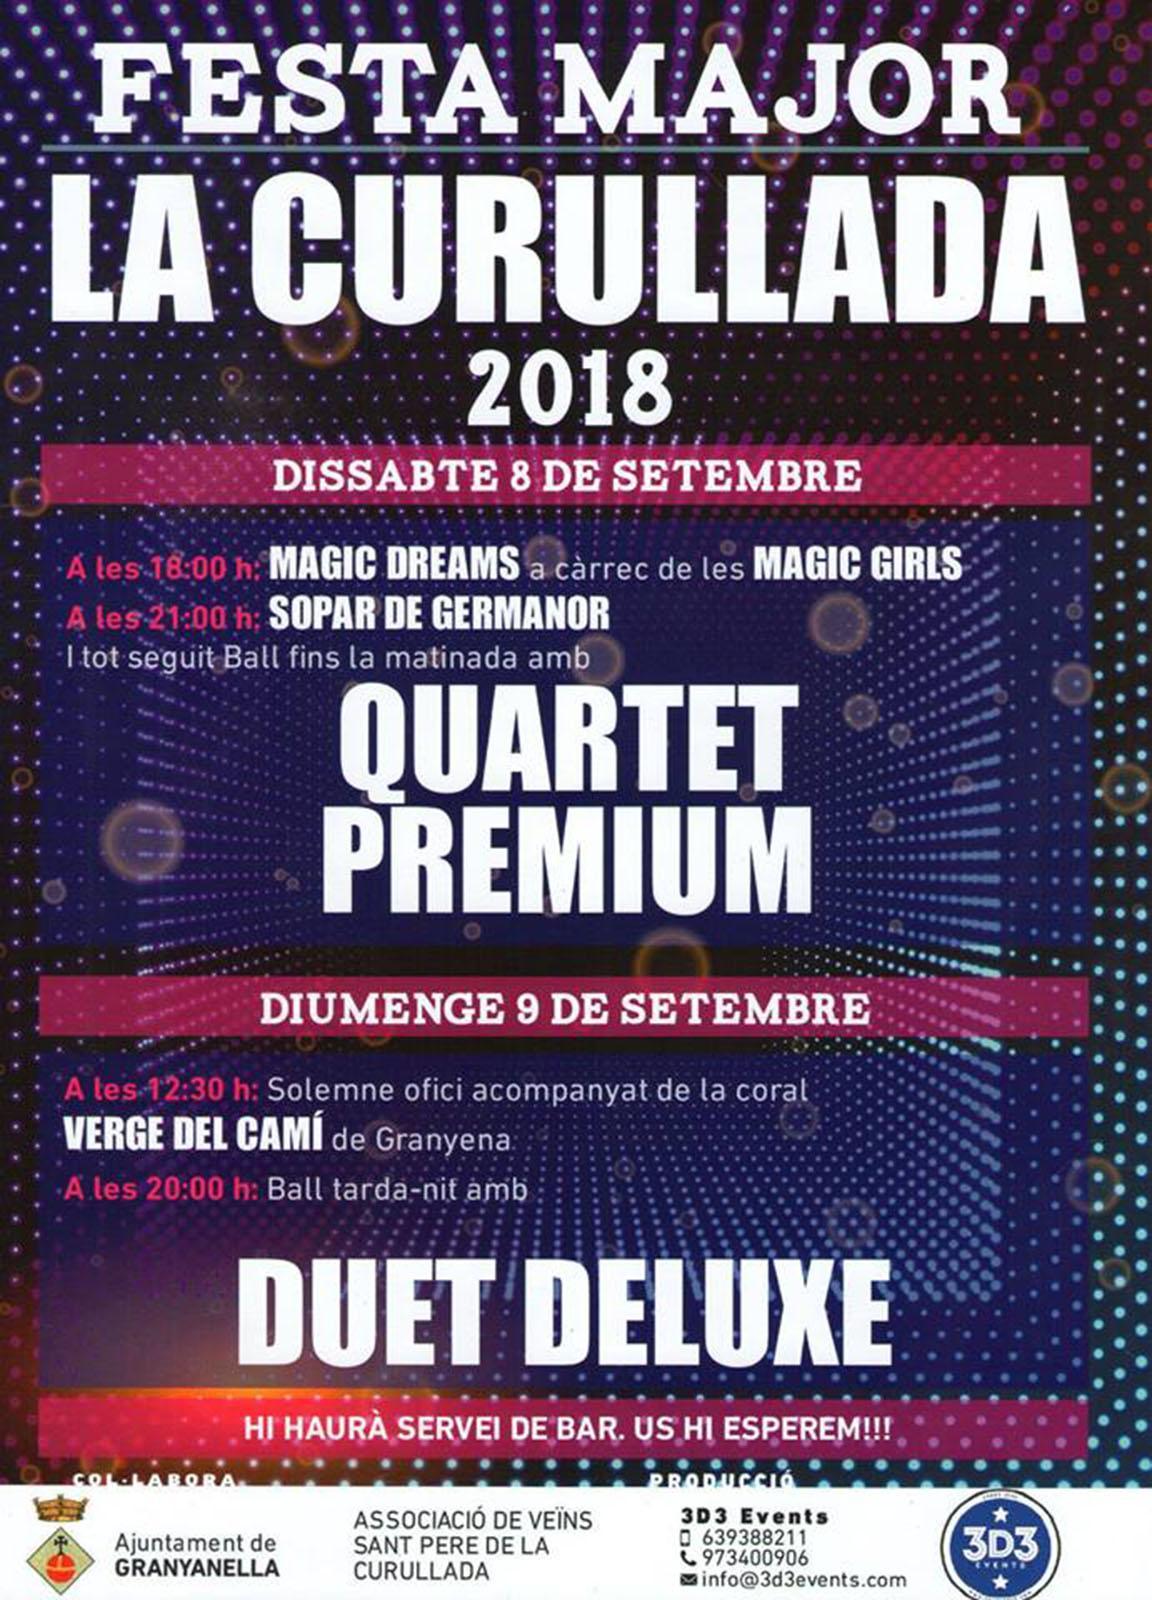 Festa Major de La Curullada 2018